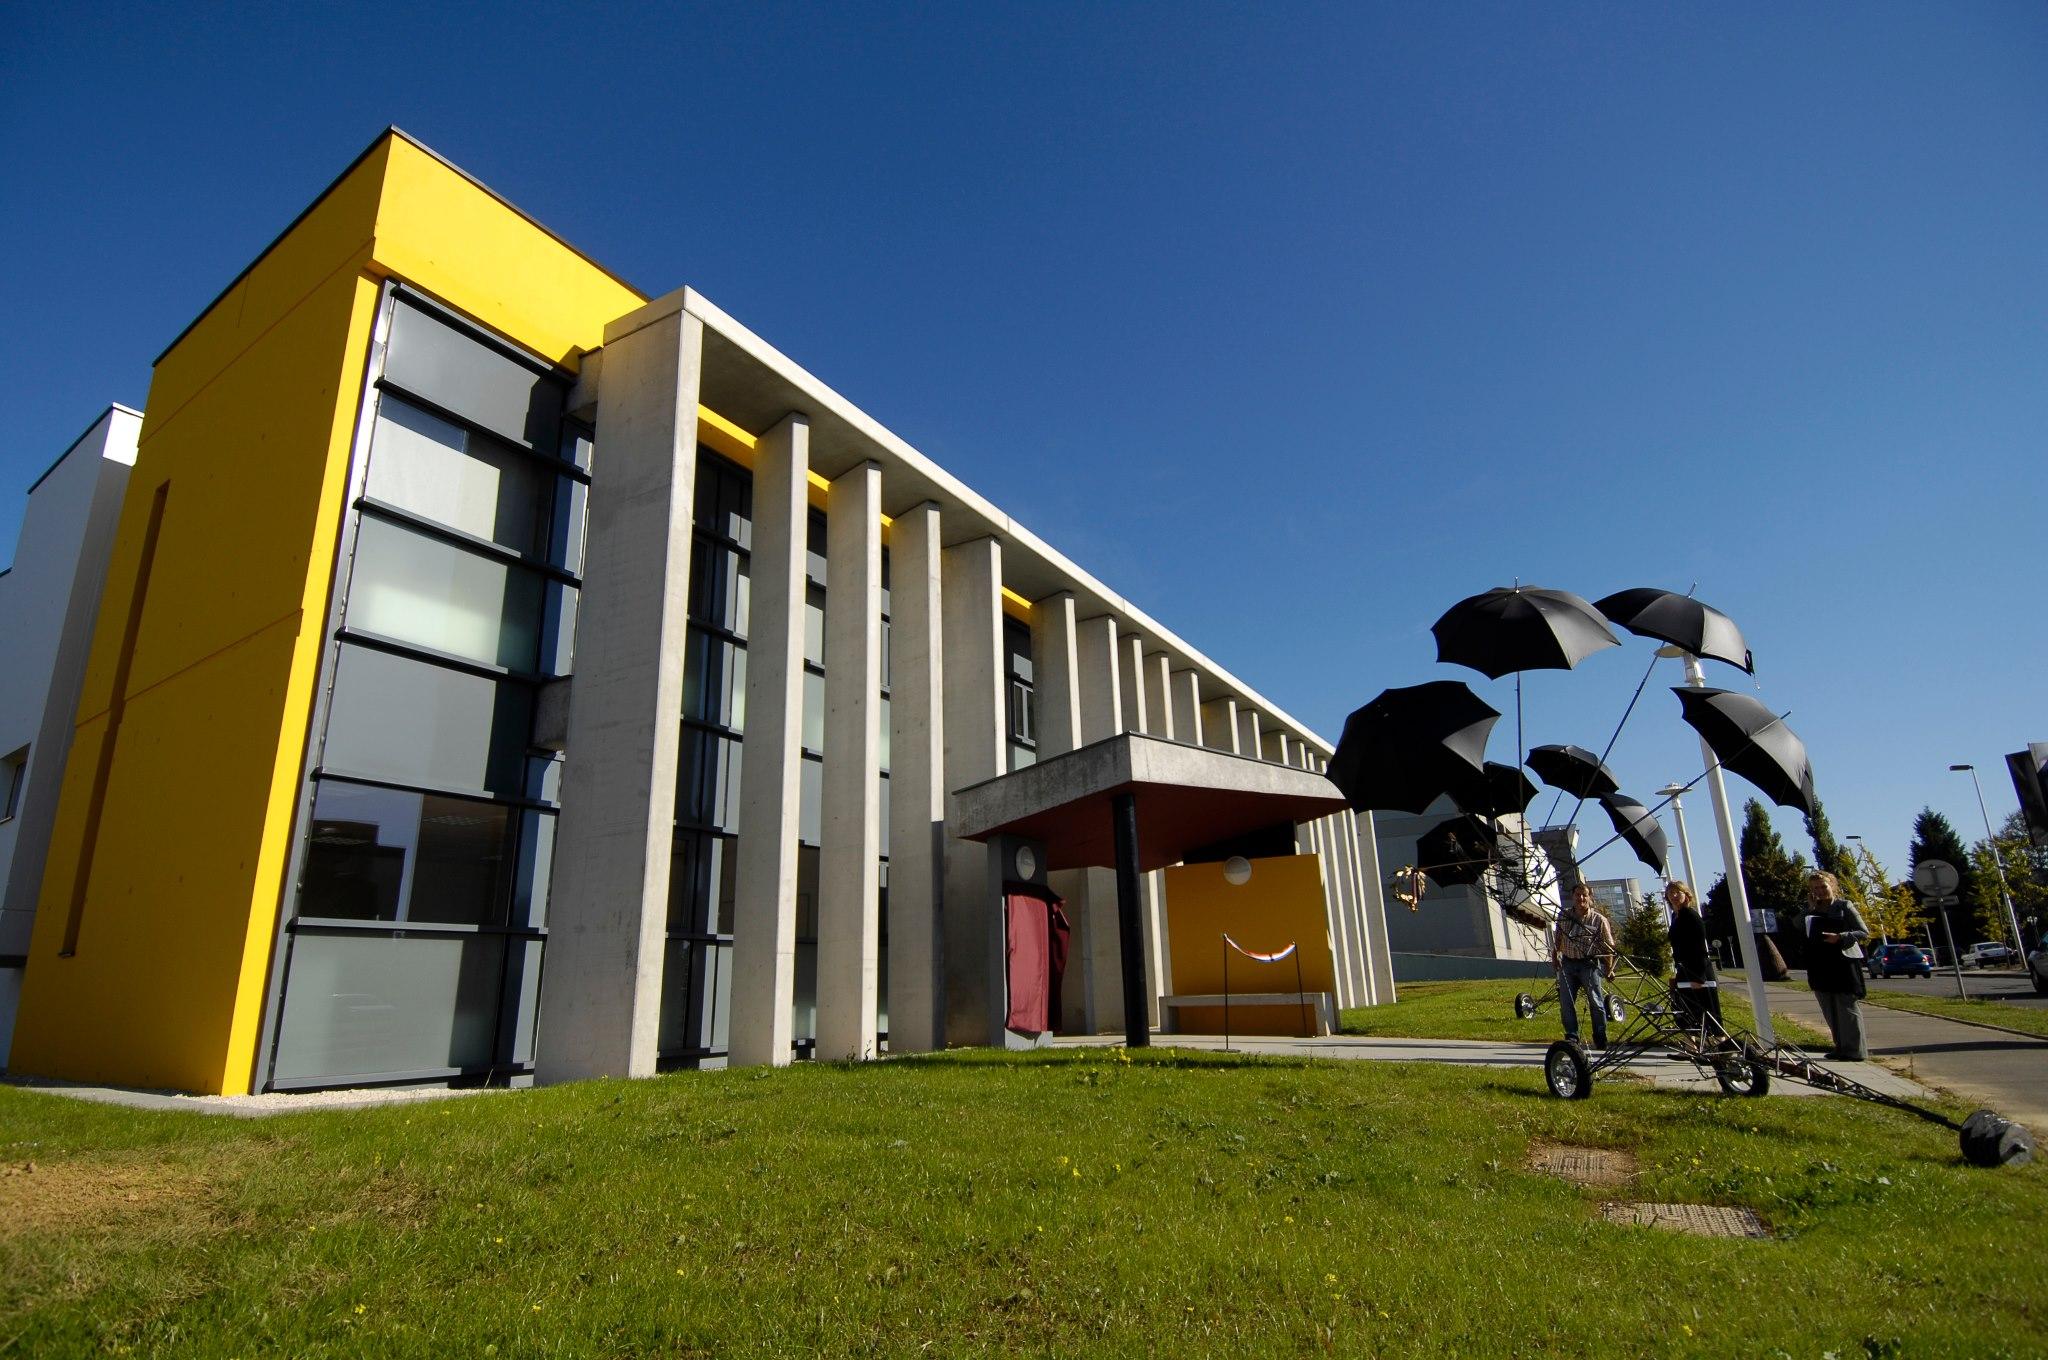 Maison des m tiers de la ville montb liard trajectoire formation - Chambre des metiers montbeliard ...